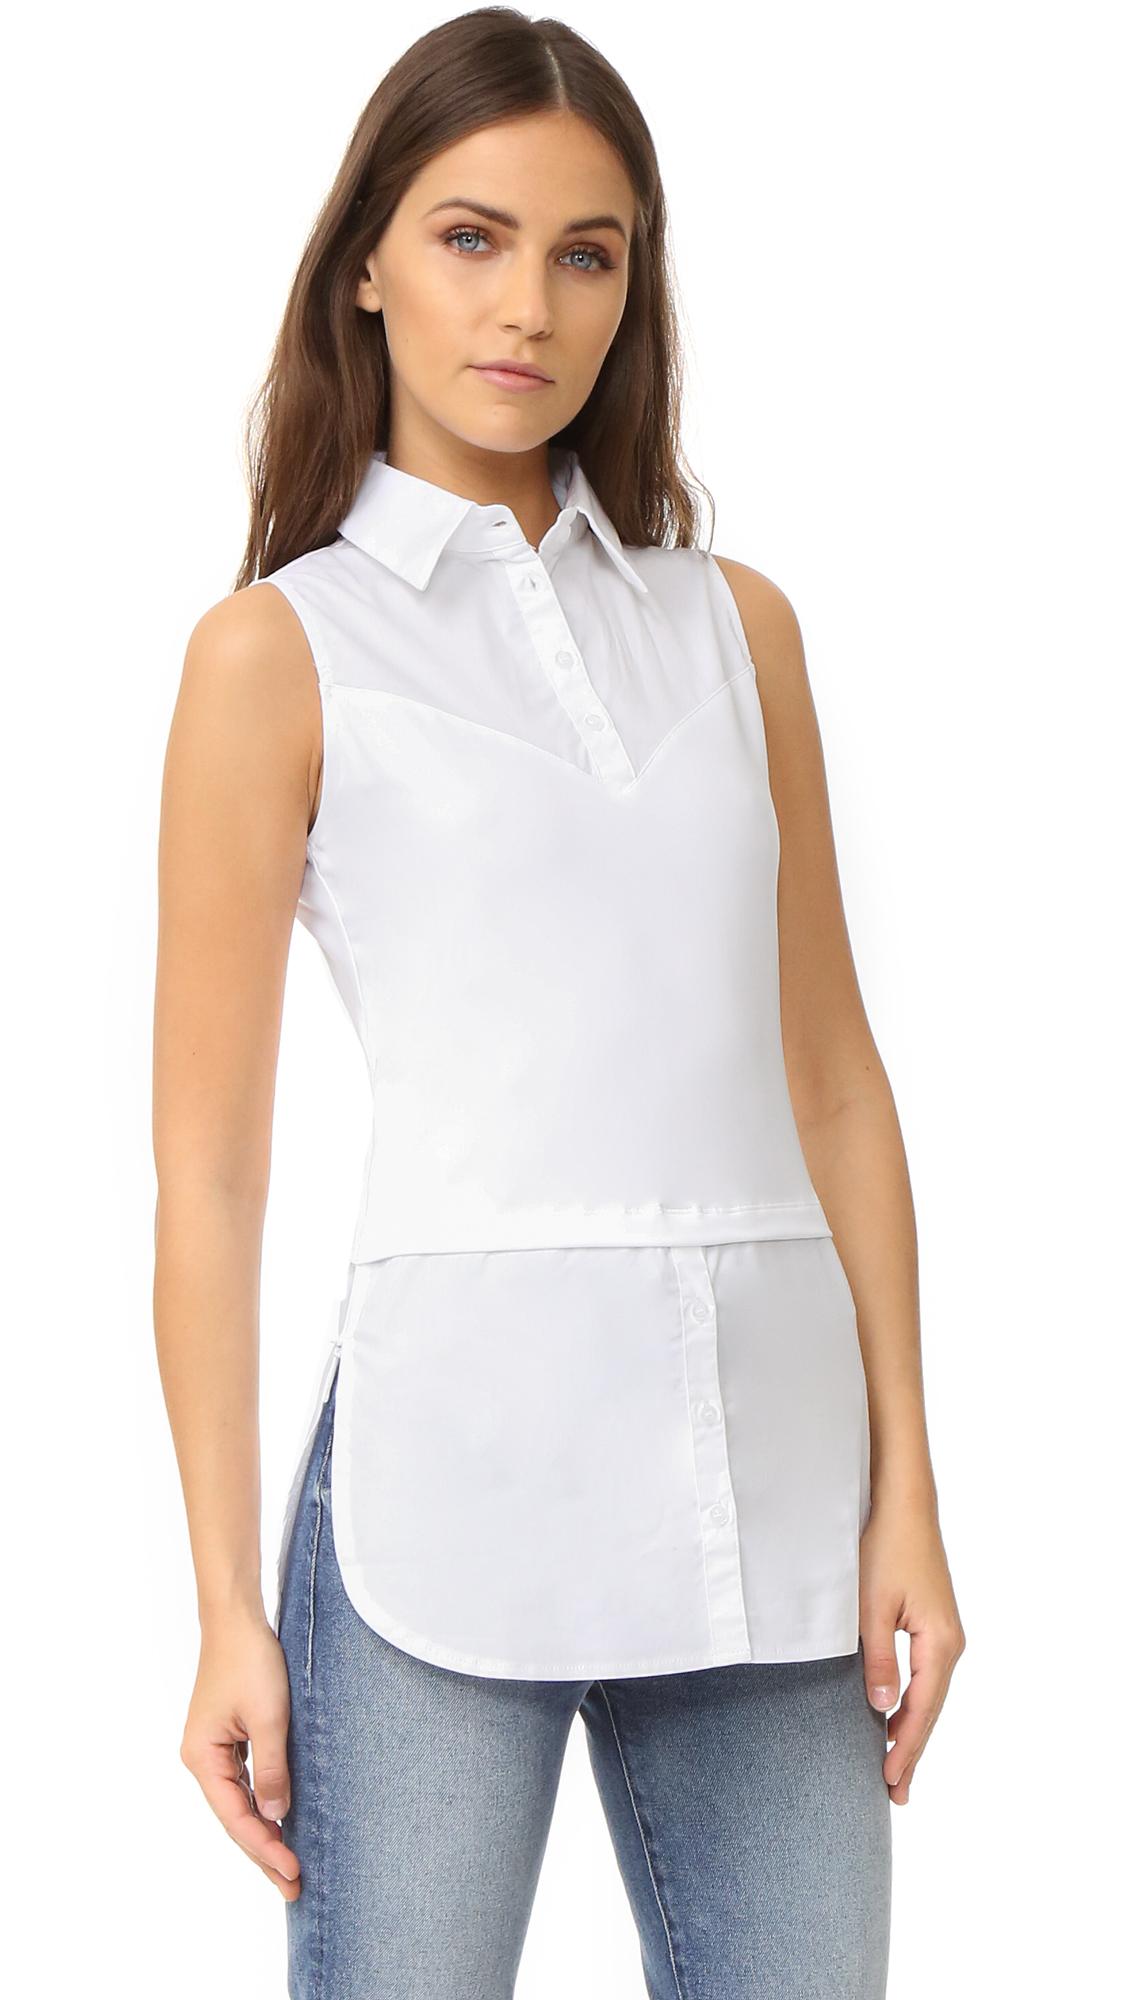 SKINNYSHIRT Sleeveless Shirt with Tails In White